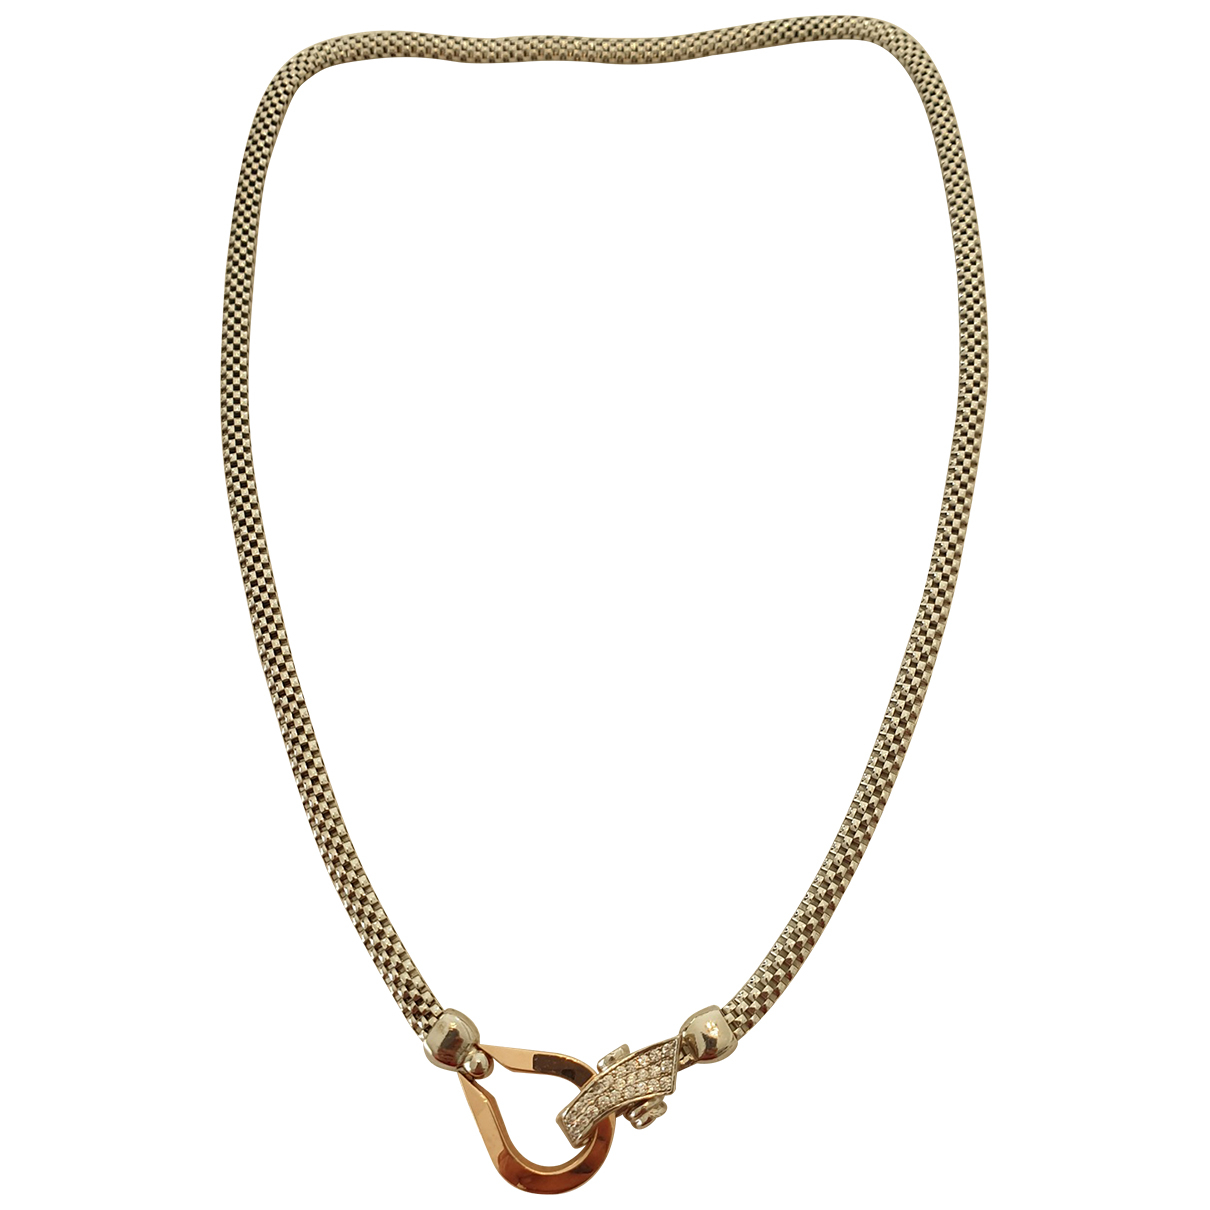 Collar Chaines de Plata Non Signe / Unsigned